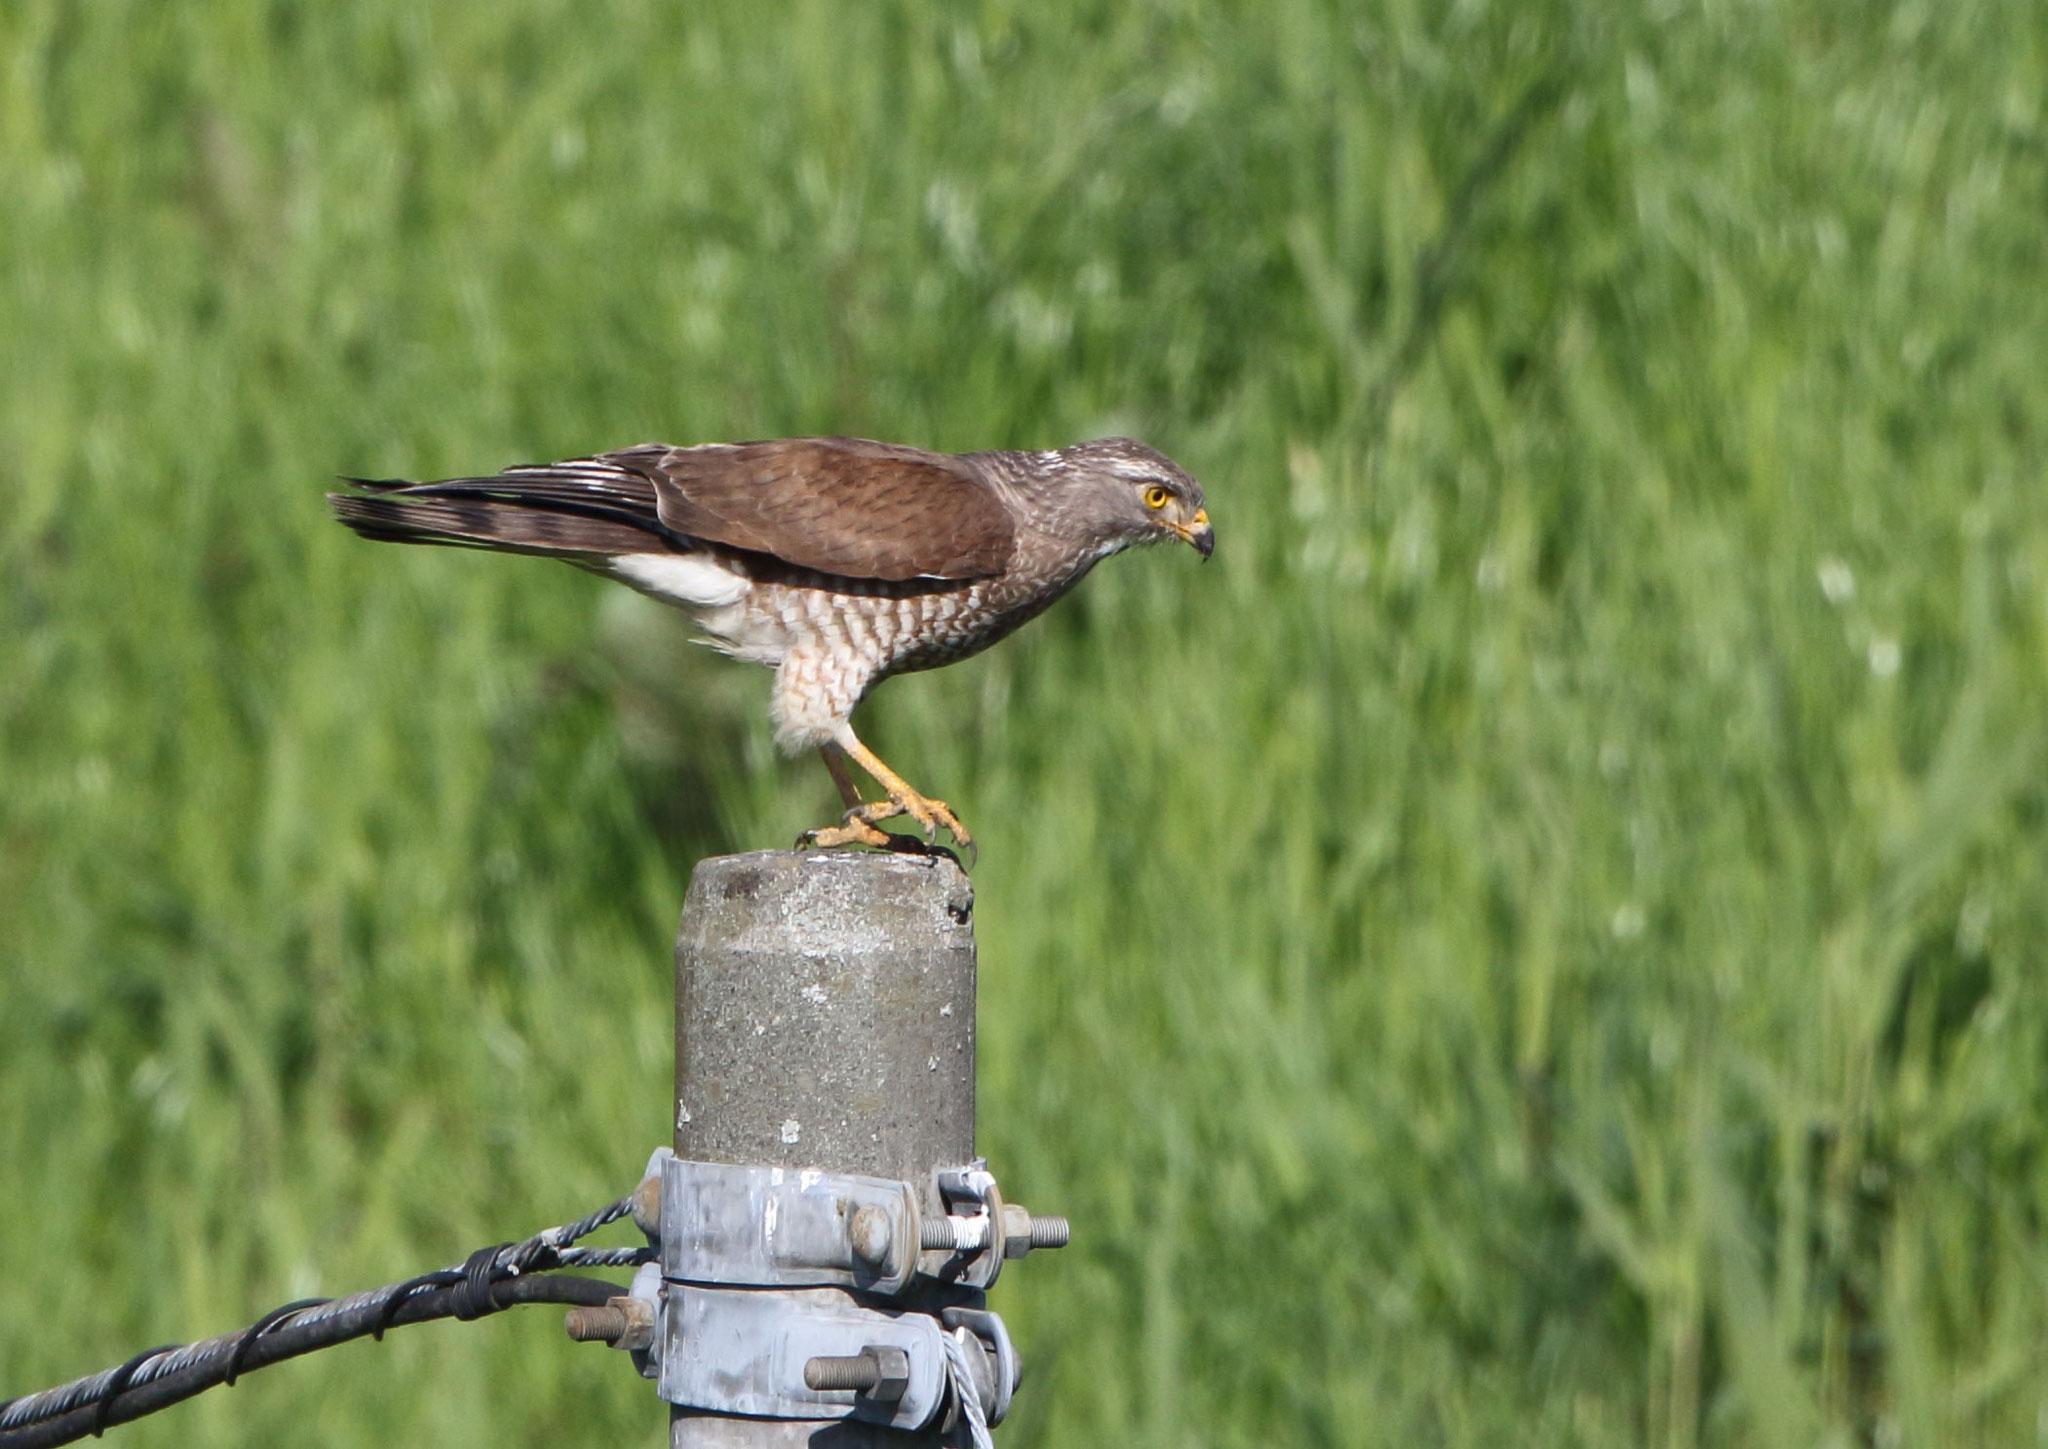 捕捉スタンバイ サシバ 2021年/04月 柏市郊外 獲物に狙いを定める。